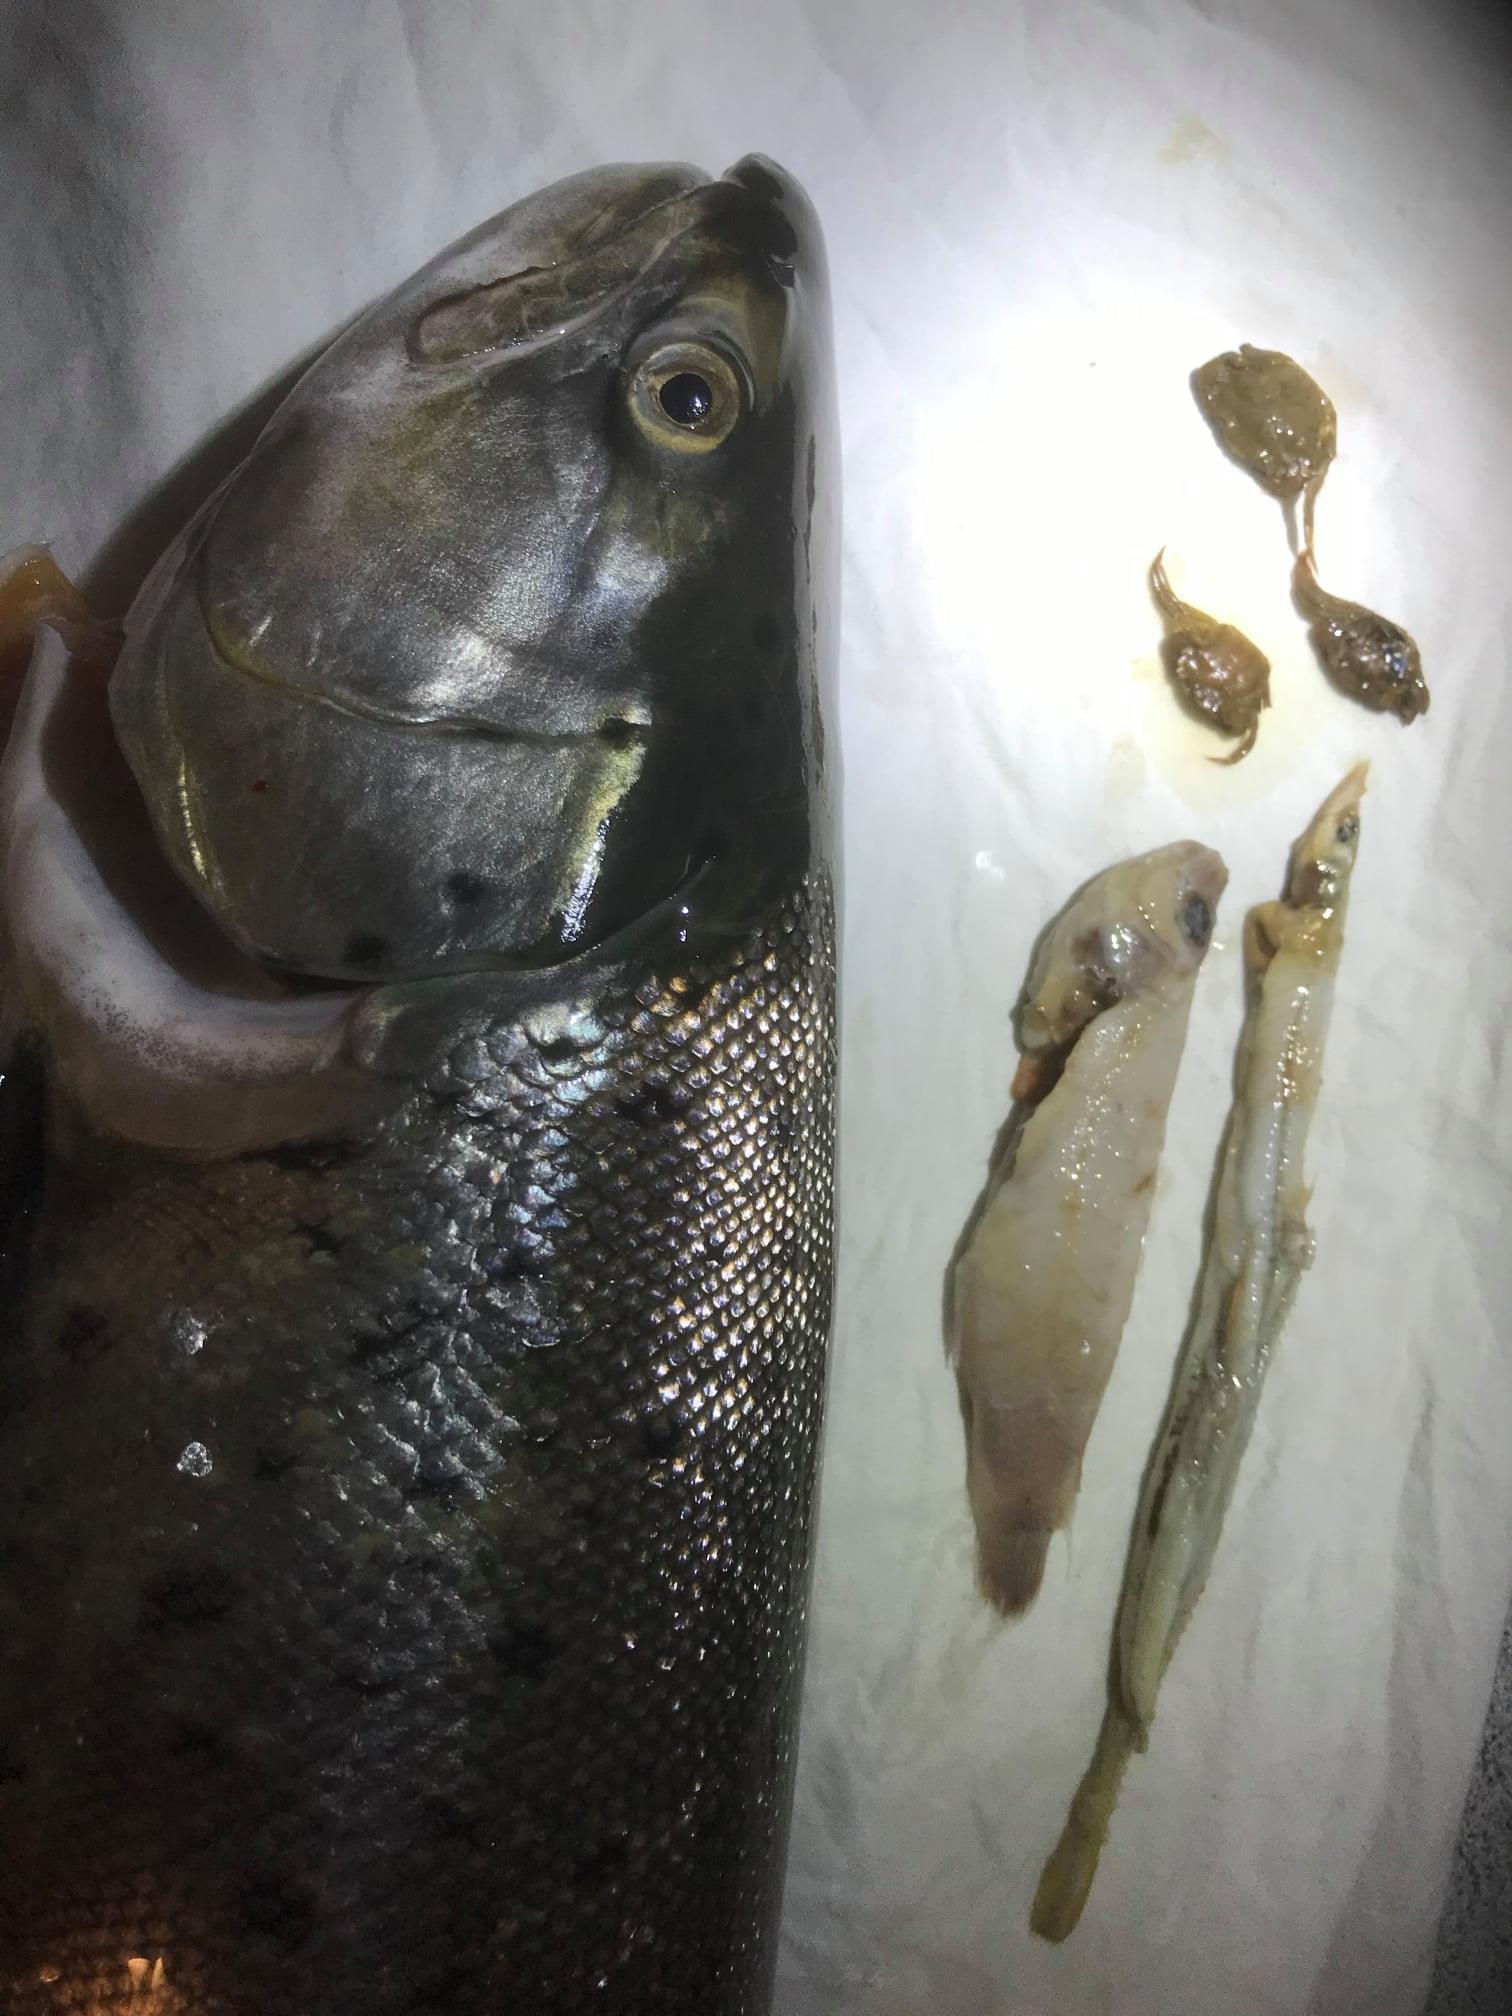 Havørredens maveindholdsignlerede tydeligt, at diæten er skiftet til småfisk.